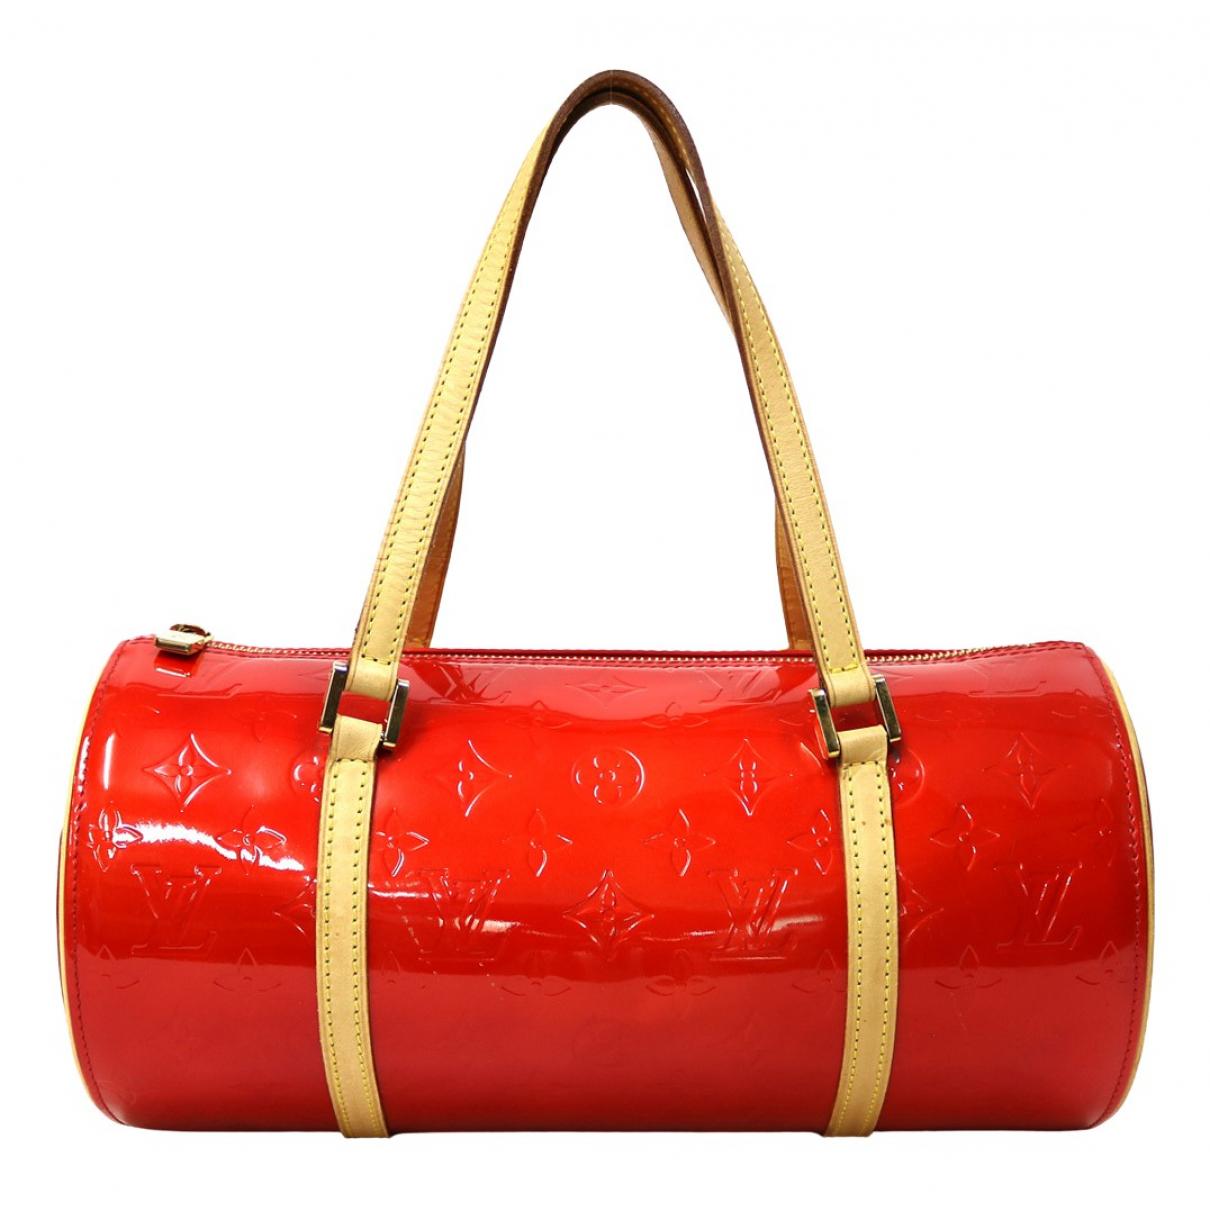 Louis Vuitton \N Handtasche in  Rot Lackleder